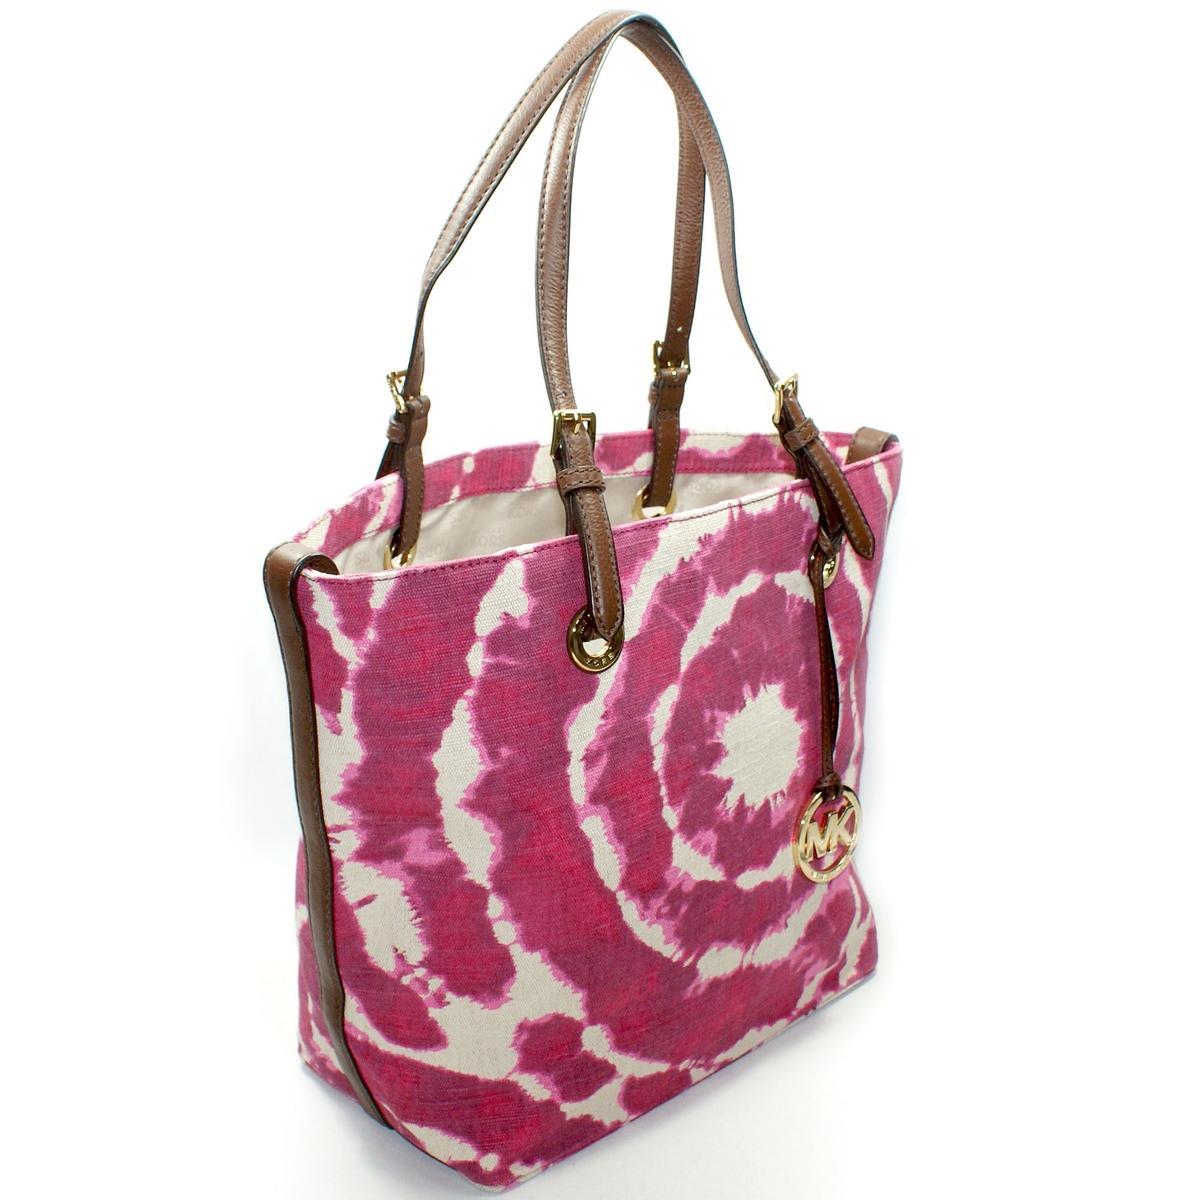 Michael Kors Jet Set Canvas Grap Bag Lacquer Pink